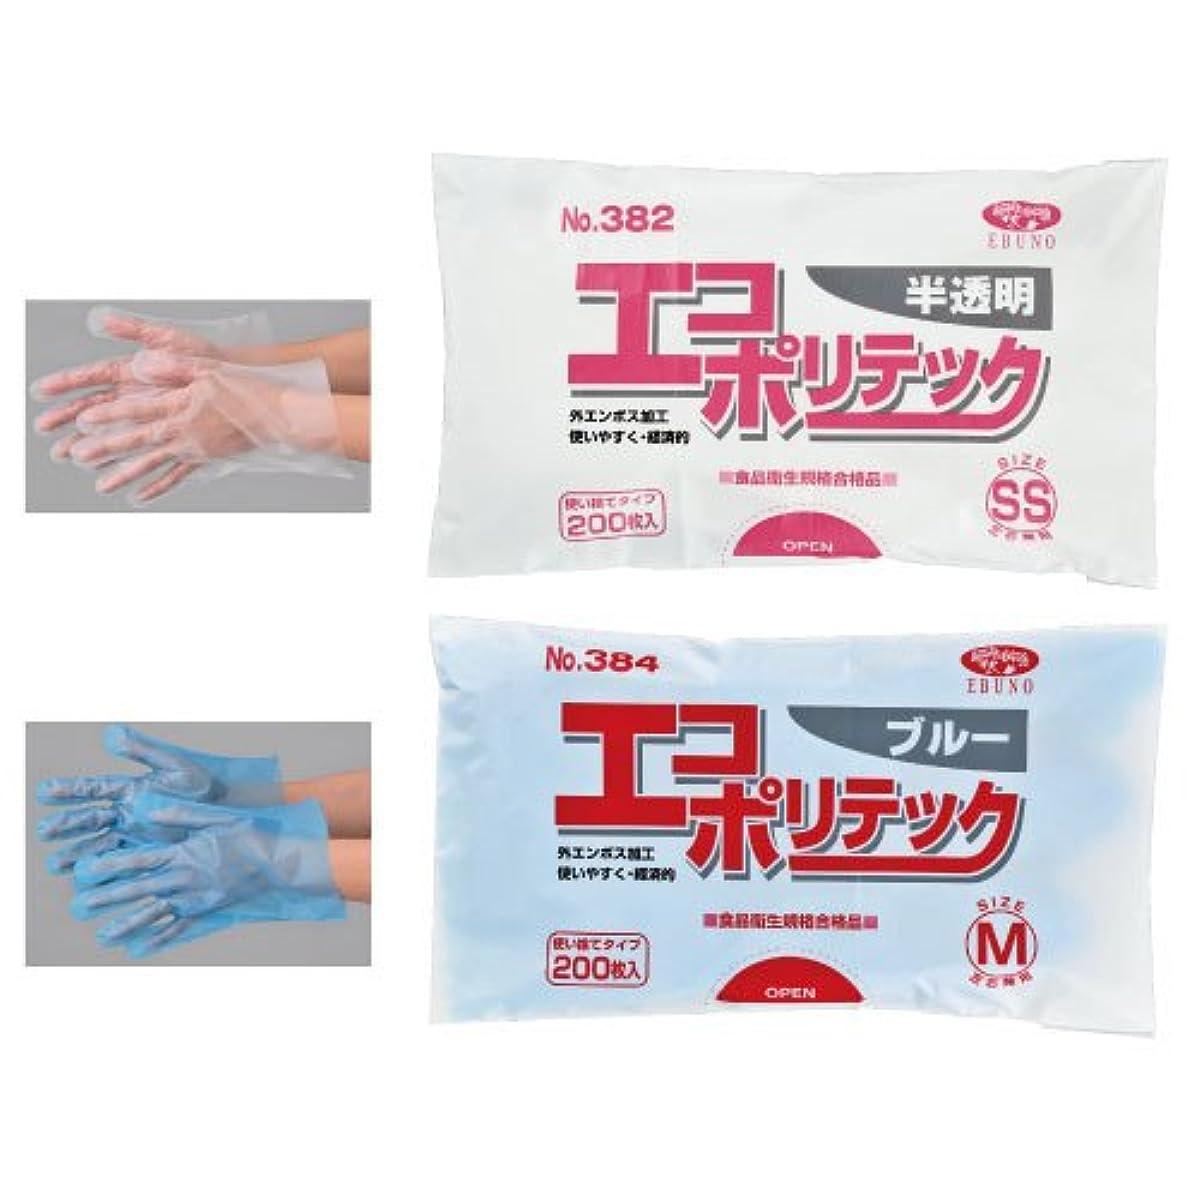 家禽コントロール不満エブノ ポリエチレン手袋 No.382 M 半透明 (200枚×30袋) エコポリテック 袋入